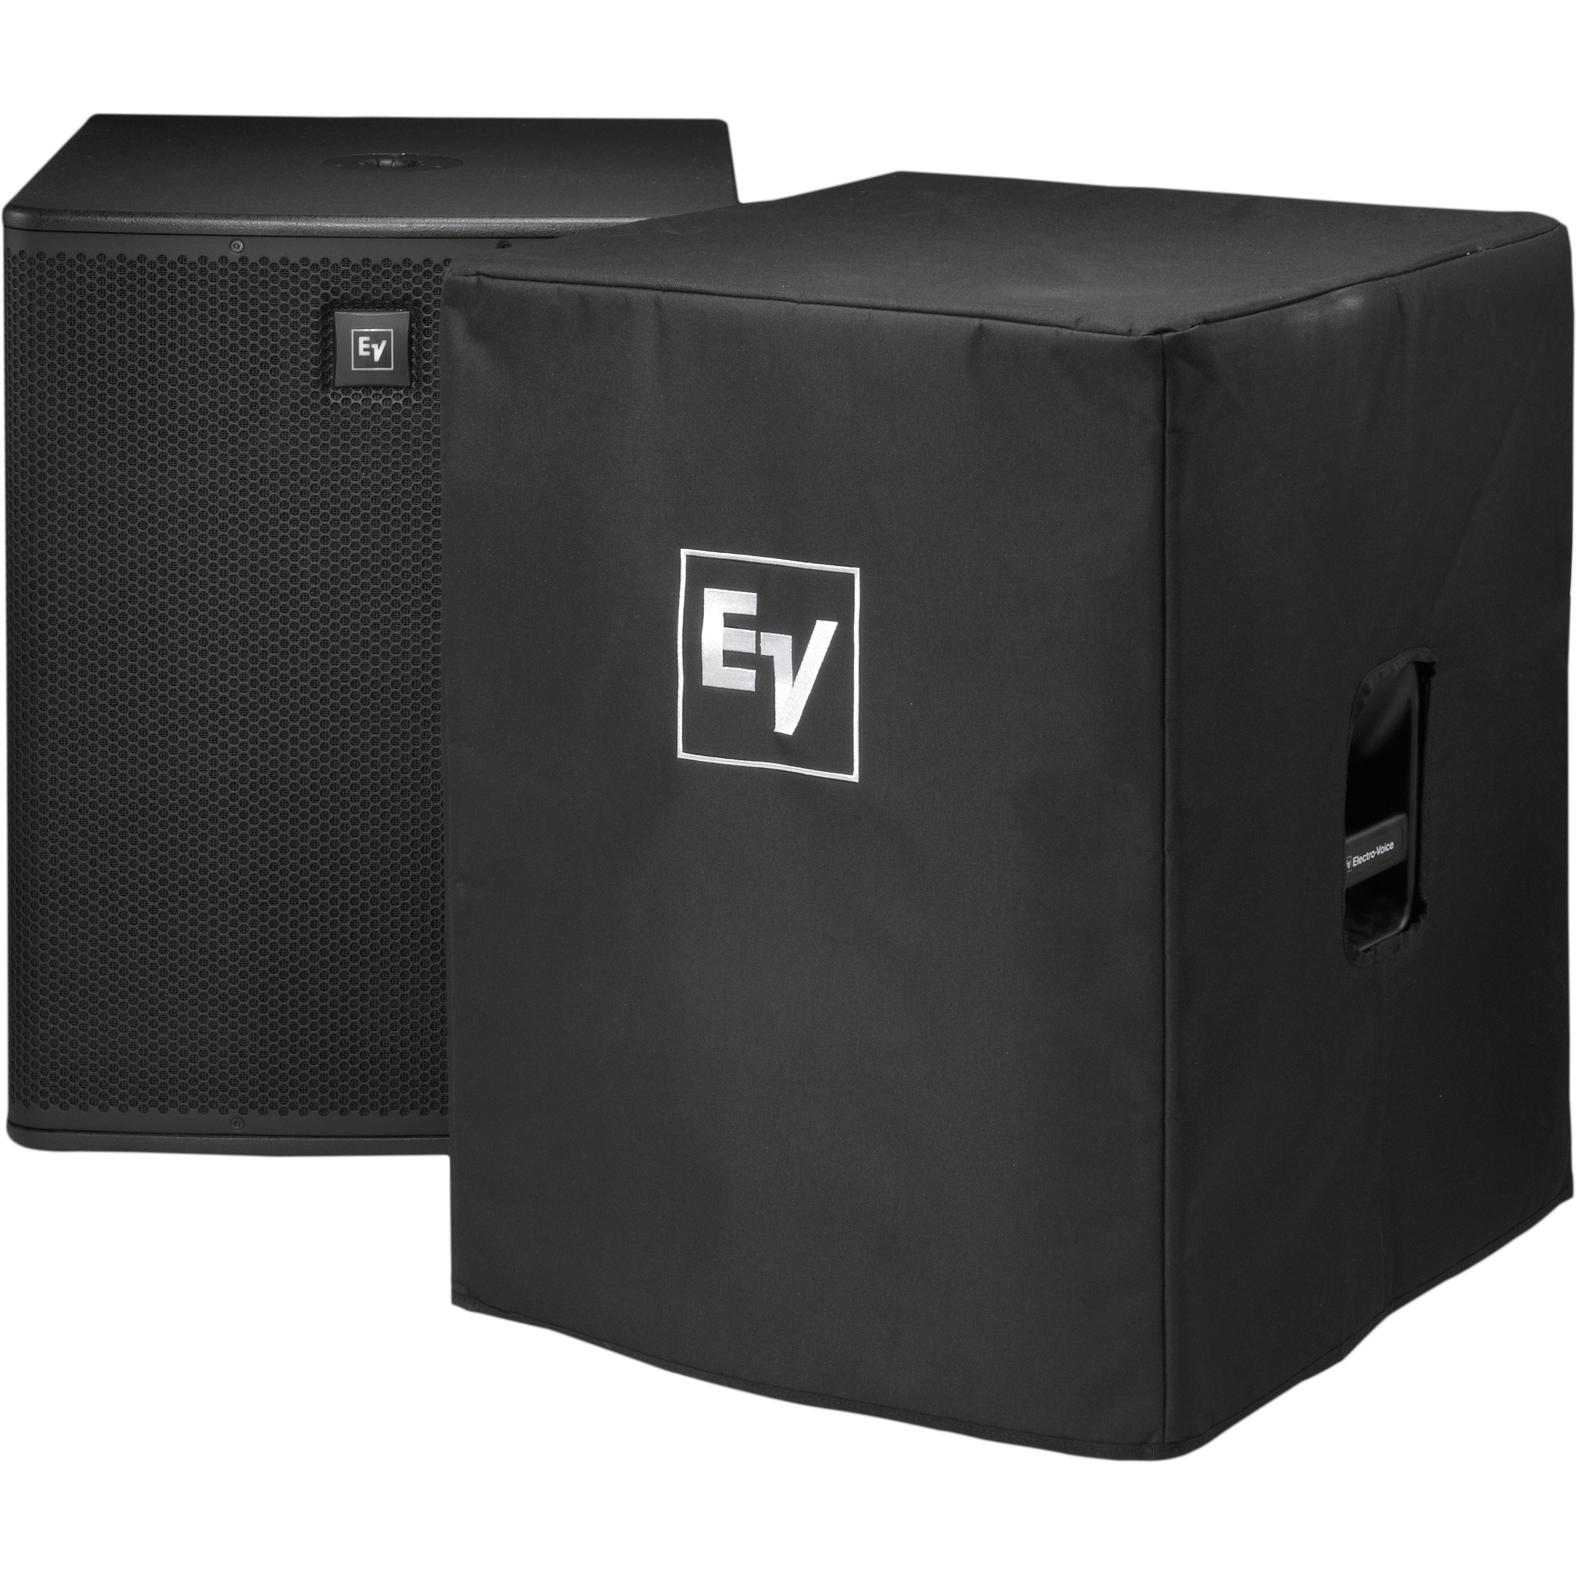 Image of   Electro-Voice Cover til ELX118 og ELX118P